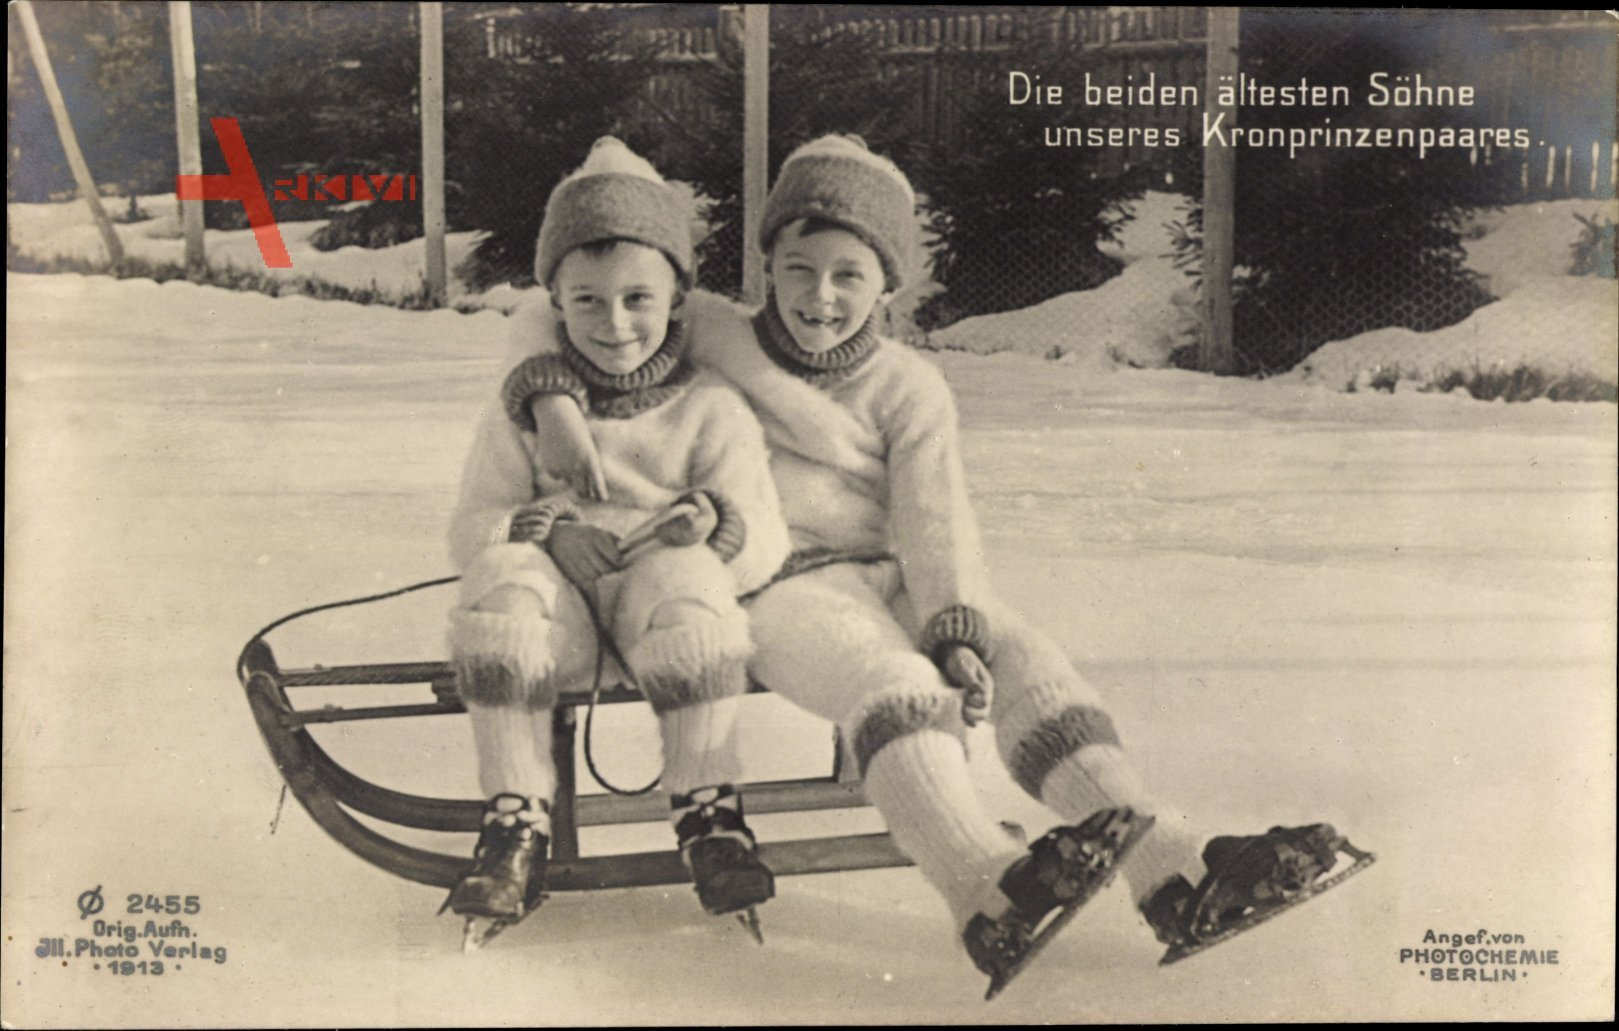 Die beiden ältesten Söhne unseres Kronprinzenpaares, PH Berlin 2455